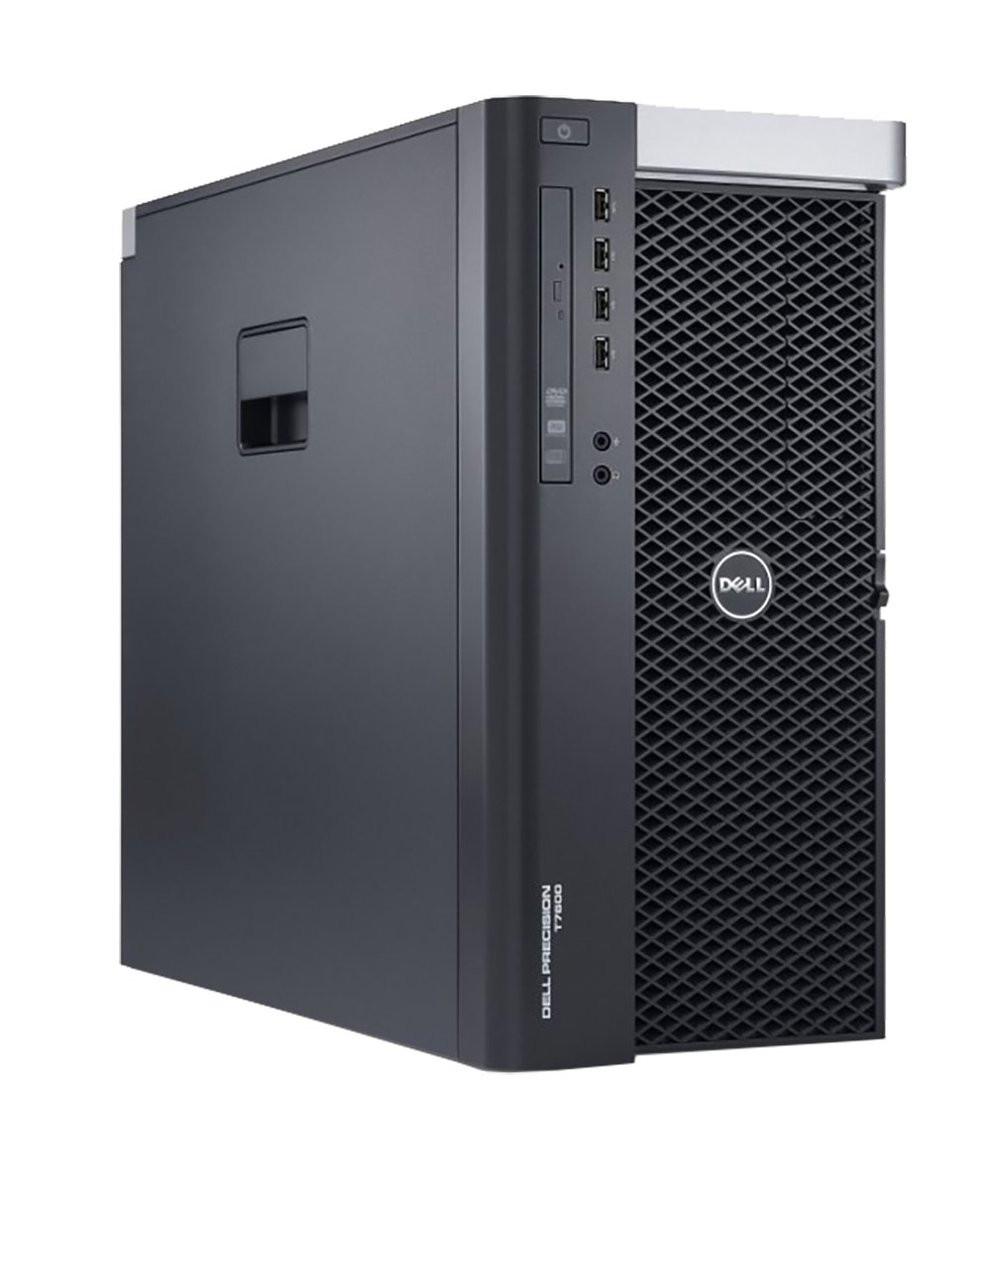 Dell Precision T7600 Tower Six Core Dual Intel Xeon